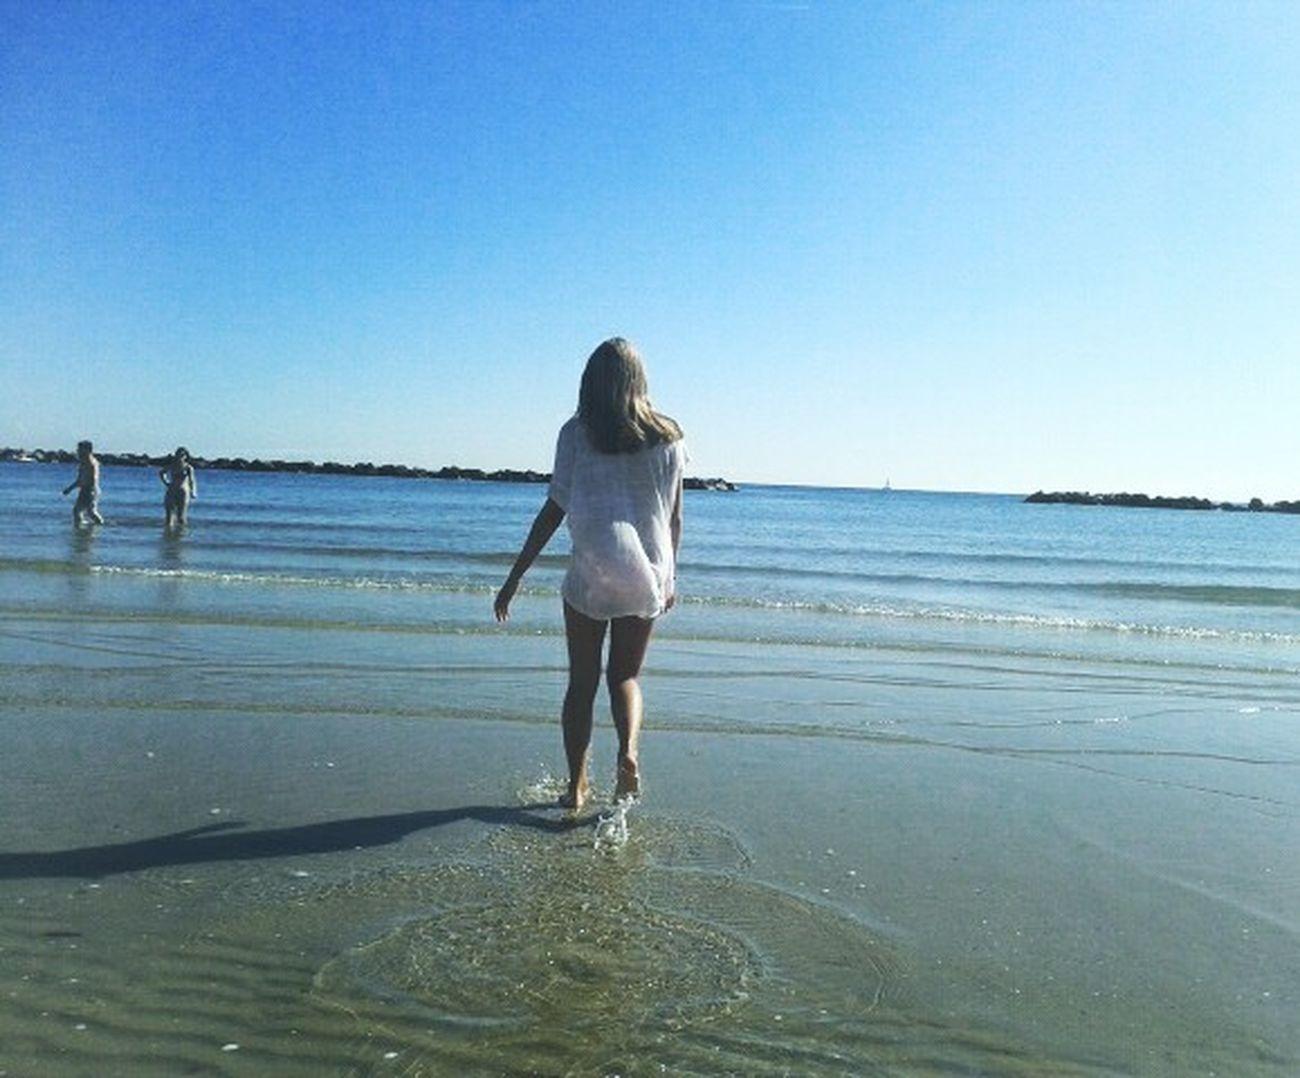 Sea Mare Sun Holiday Acqua Water Scappare Go Away